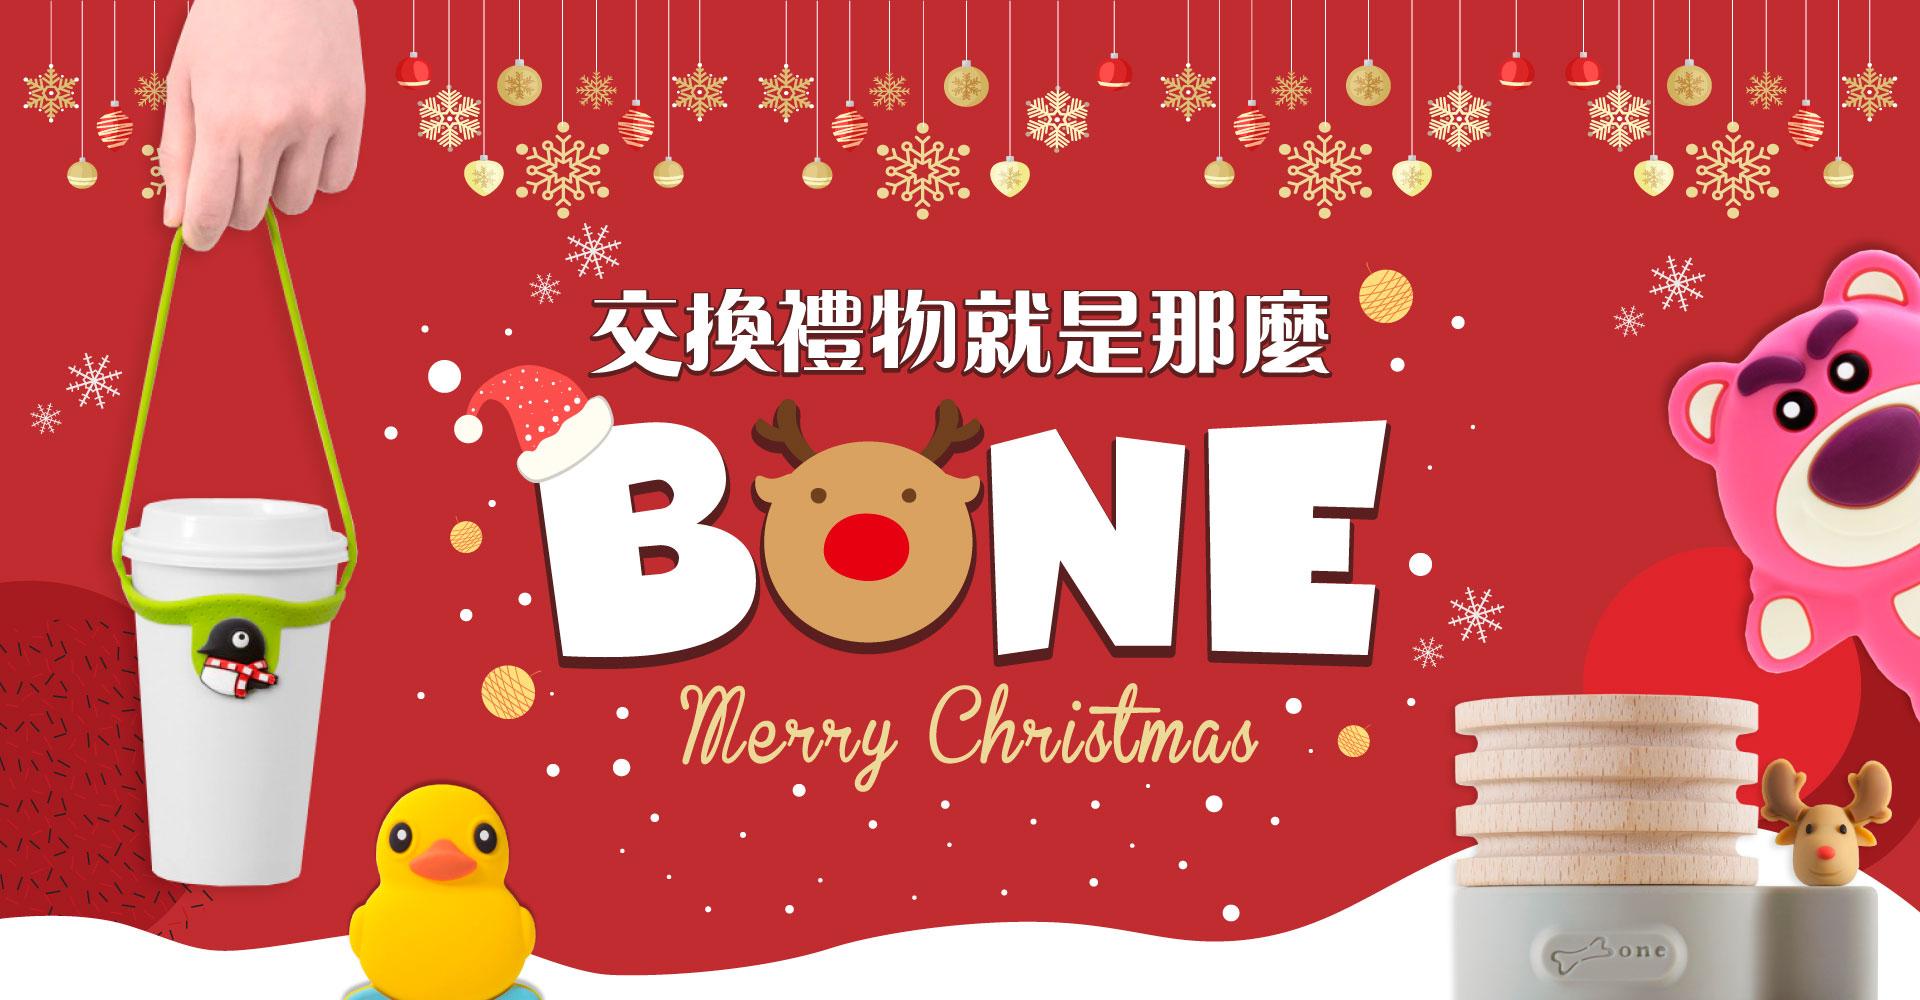 bone 手機殼 杯套 聖誕交換禮物